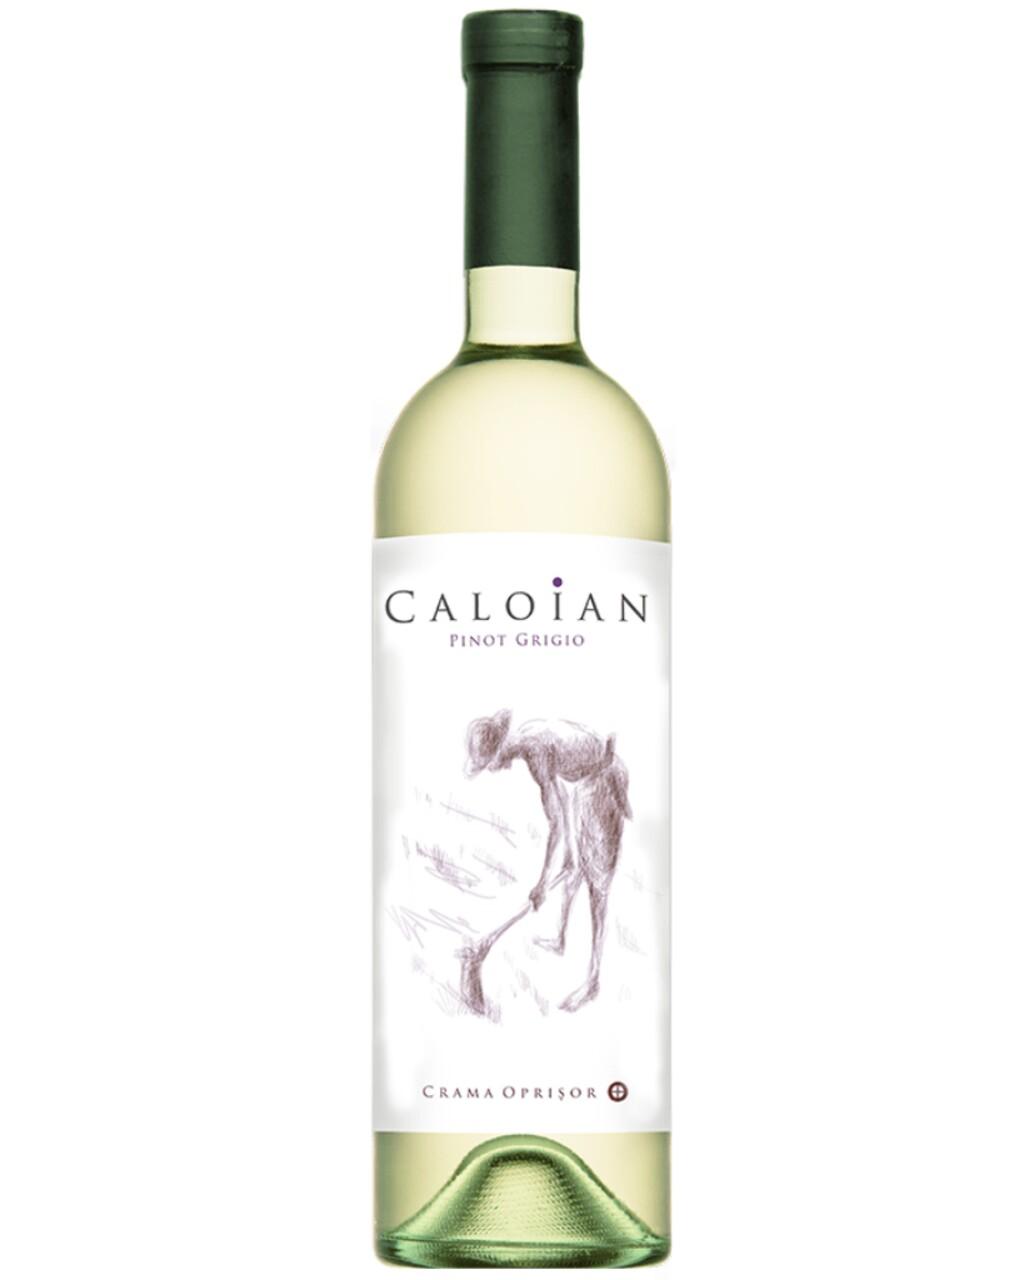 Oprisor Caloian Pinot Grigio